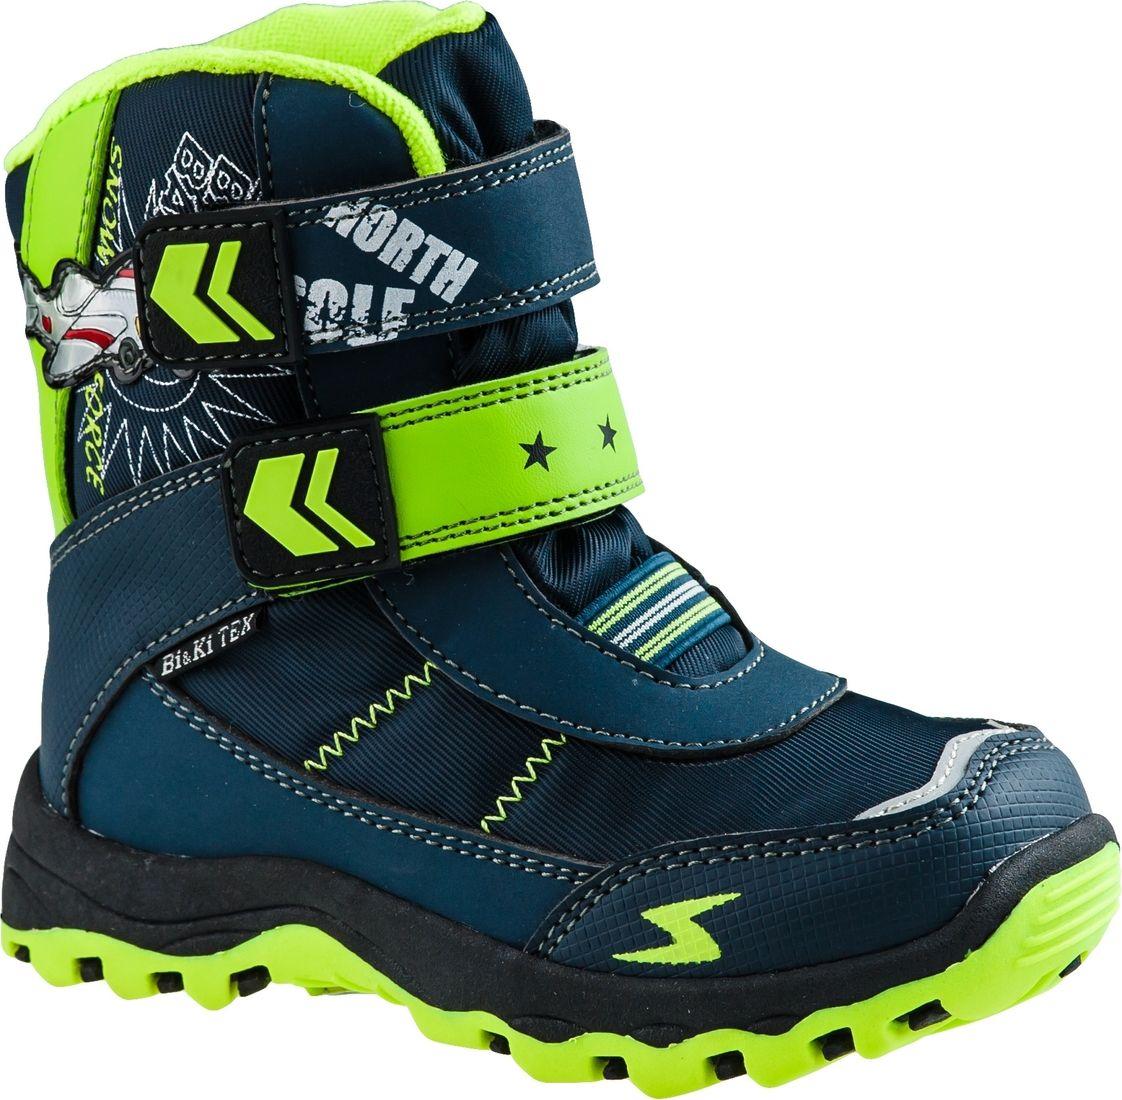 Ботинки для мальчика BiKi, цвет: синий, салатовый. А-В20-35-B. Размер 28А-В20-35-BБотинки от BiKi придутся по душе вашему мальчику. Модель идеально подходит для зимы, сохраняет комфортный микроклимат в обуви как при ношении на улице, так и в помещении. Верх обуви изготовлен из искусственной кожи со вставками из водонепроницаемого текстиля и оформлен контрастной прострочкой, и принтом. Два ремешка на застежке-липучке и эластичная резинка надежно зафиксируют изделие на ноге. Подкладка и стелька изготовлены из искусственной шерсти, что позволяет сохранить тепло и гарантирует уют ногам. Подошва с рифлением обеспечивает идеальное сцепление с любыми поверхностями. Такие чудесные ботинки займут достойное место в гардеробе вашего ребенка.